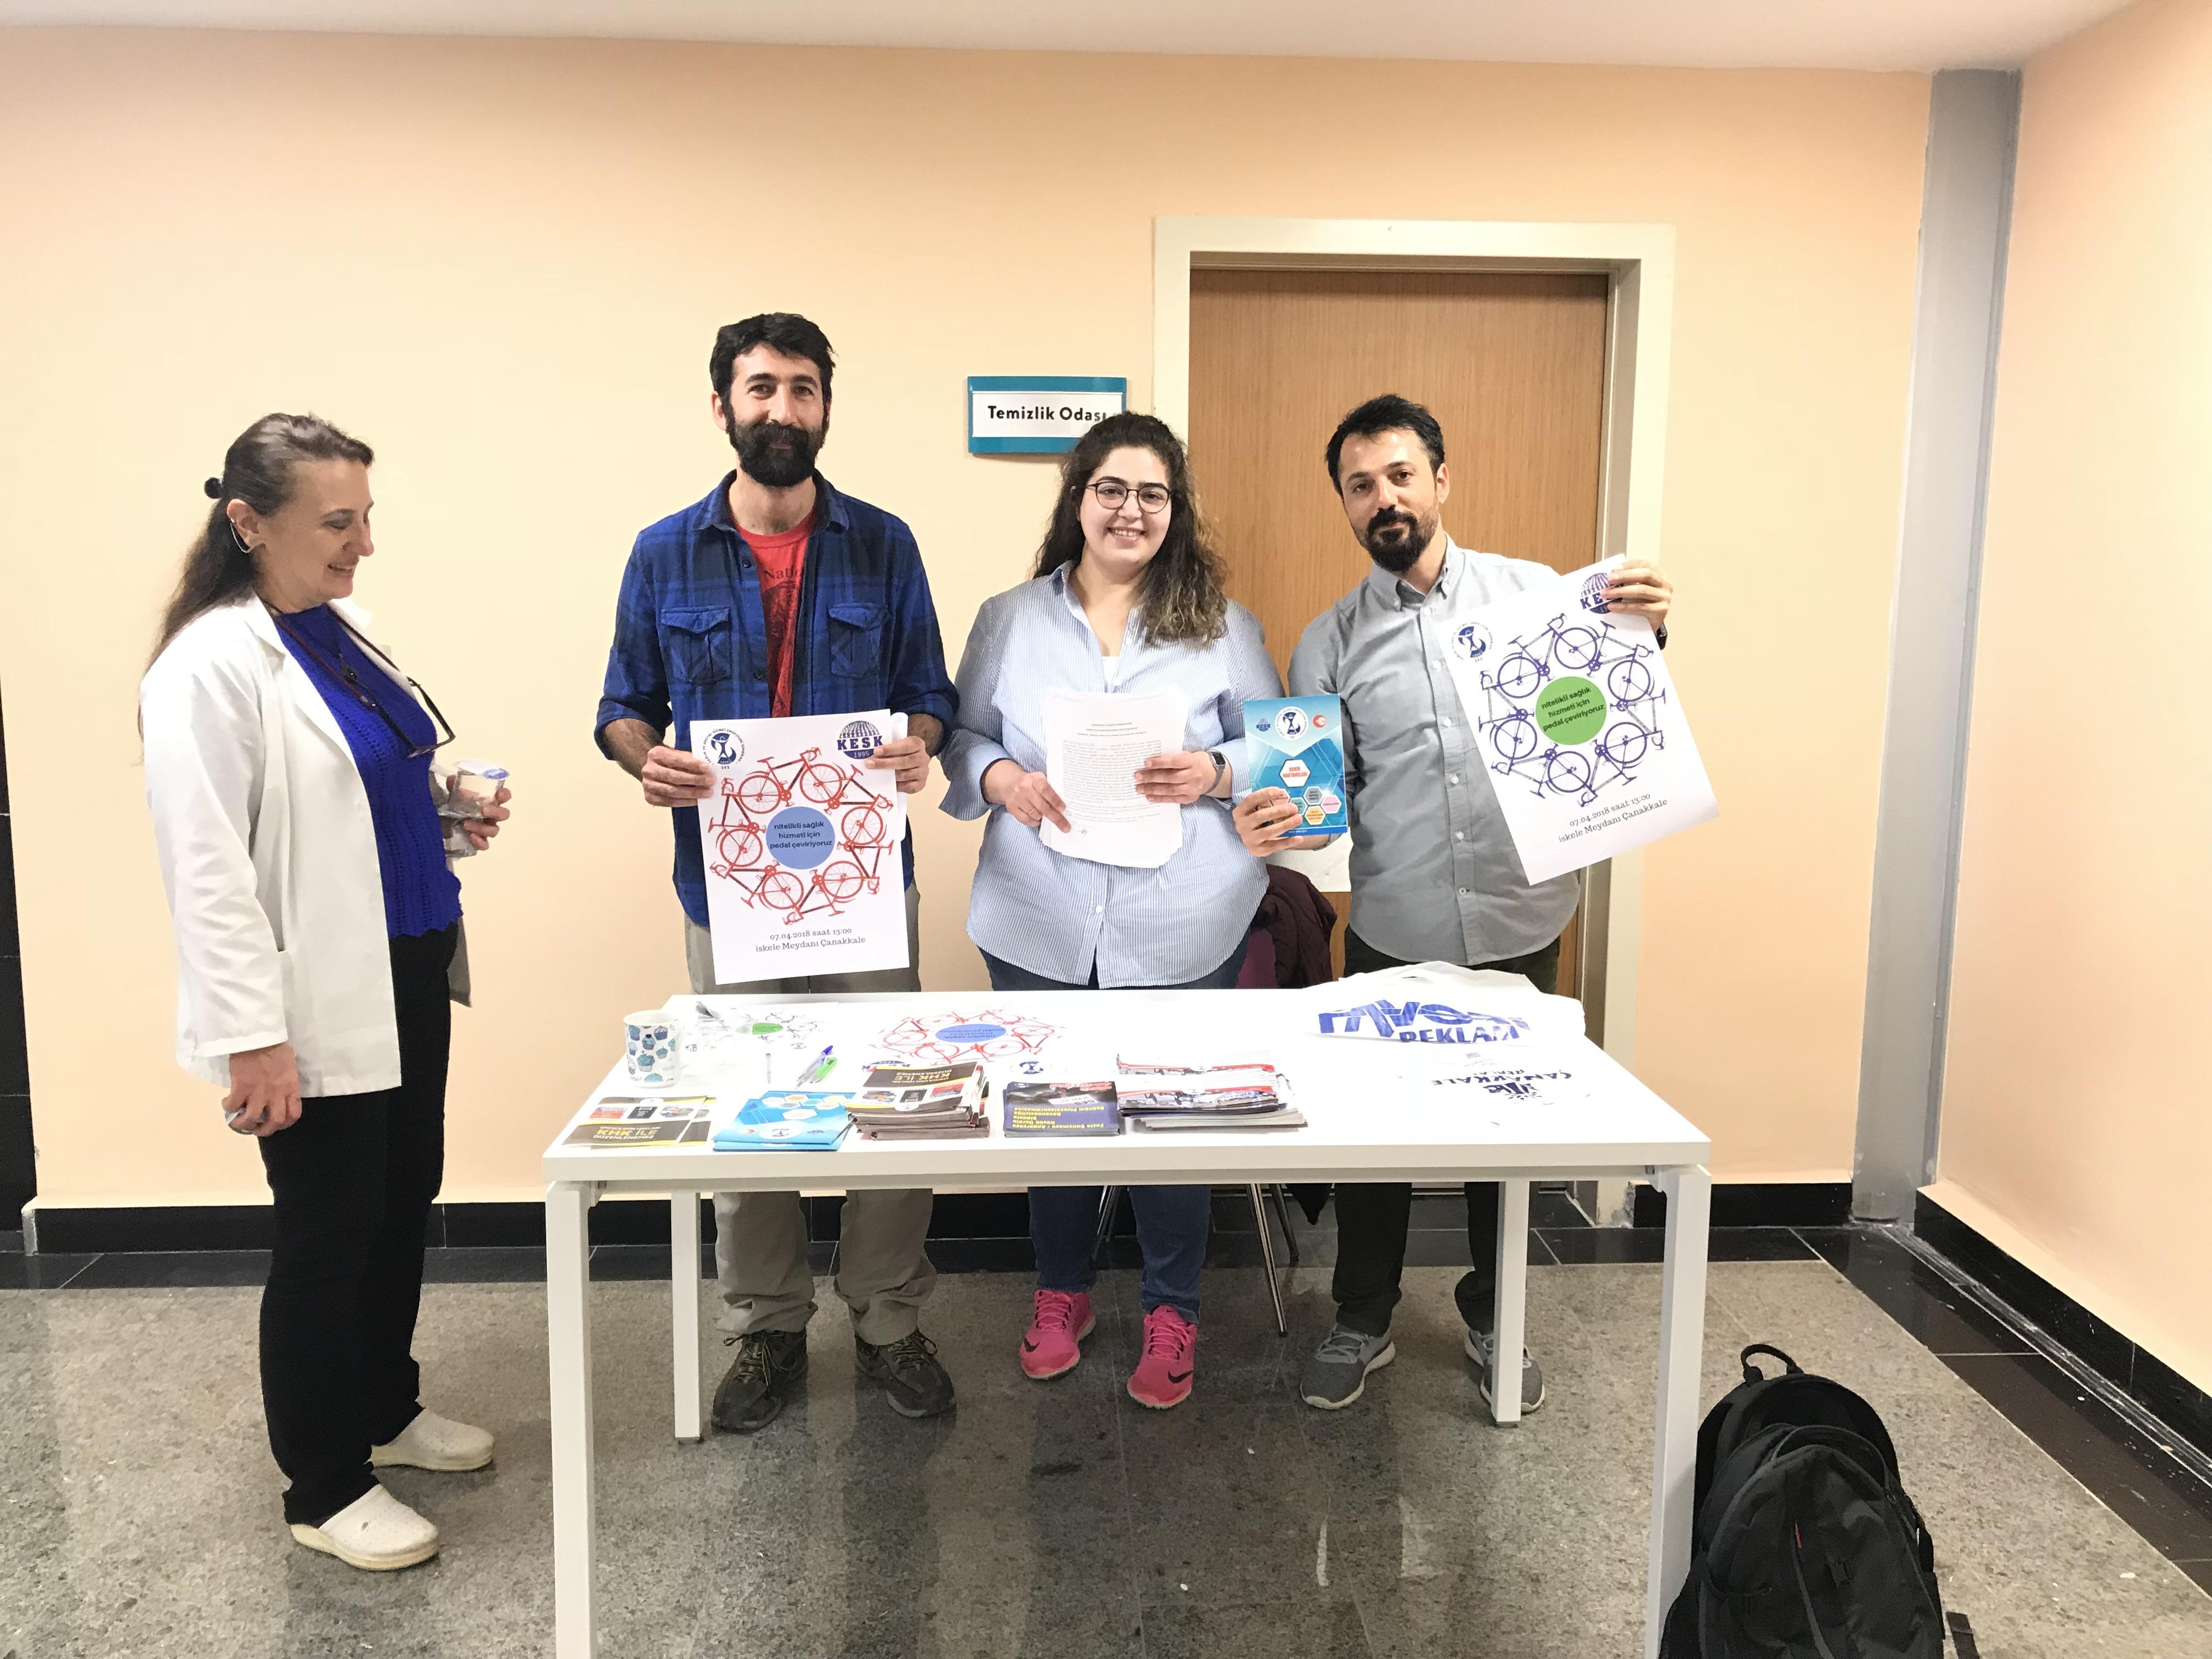 Çanakkale Şubemiz Mehmet Akif Ersoy Hastanesi'nde Bildiri ve Broşür Dağıtımı Gerçekleştirdi